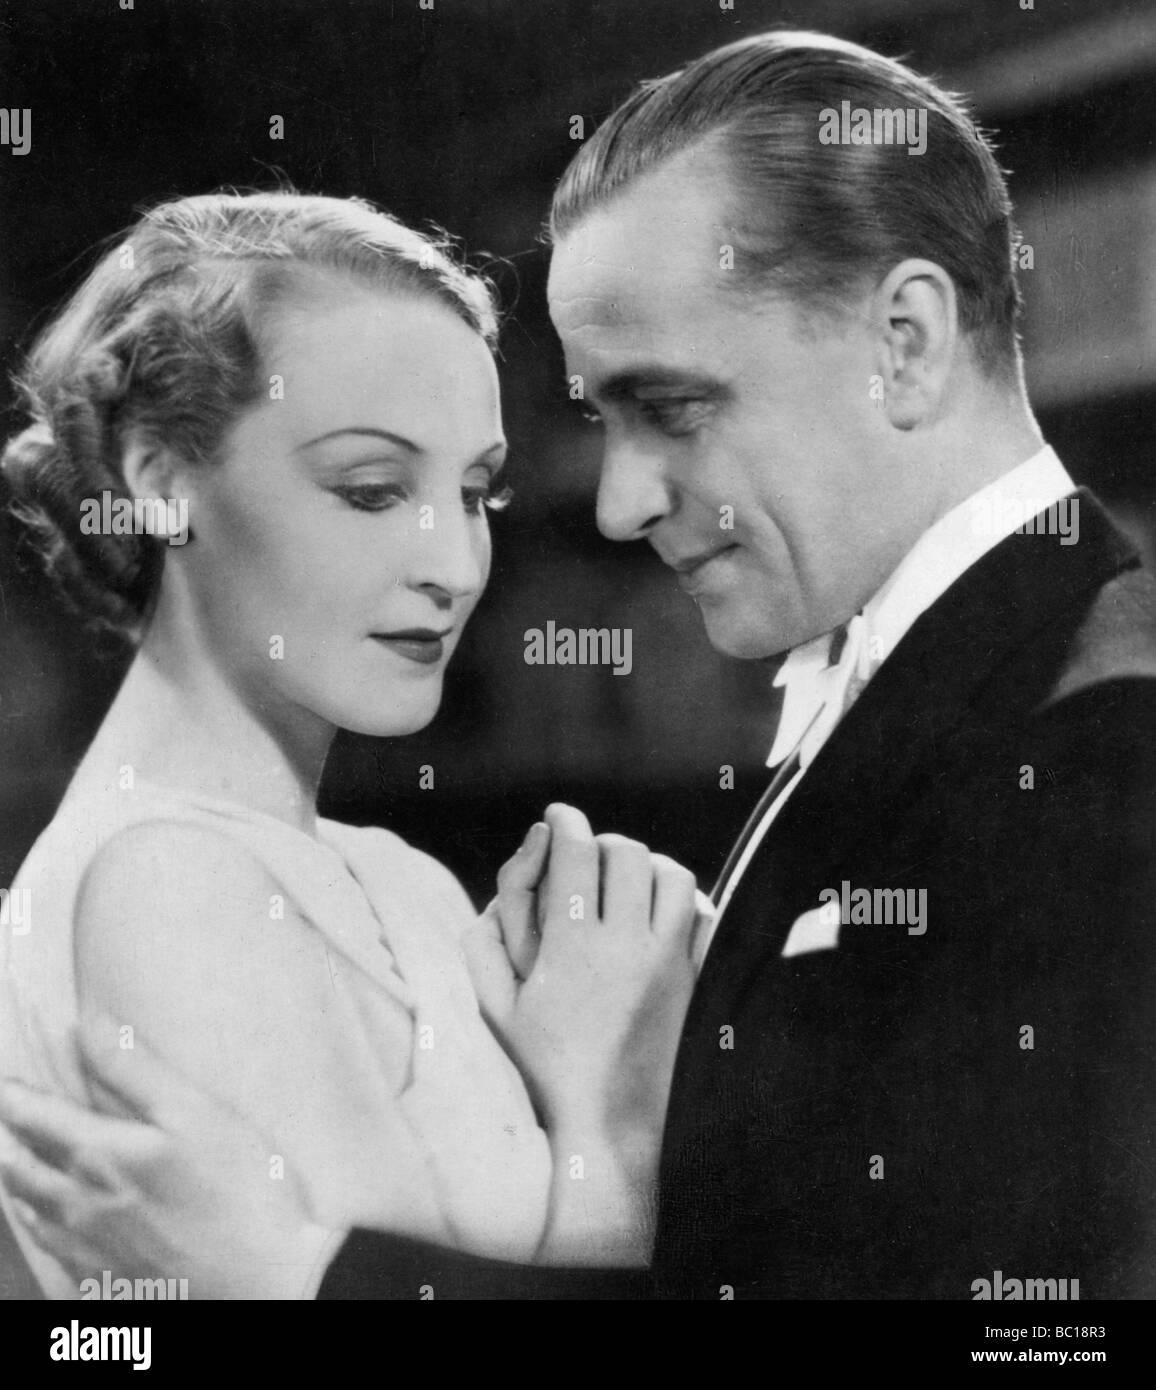 Brigitte Helm and Karl Ludwig Diehl, German film actors, 1930s. - Stock Image